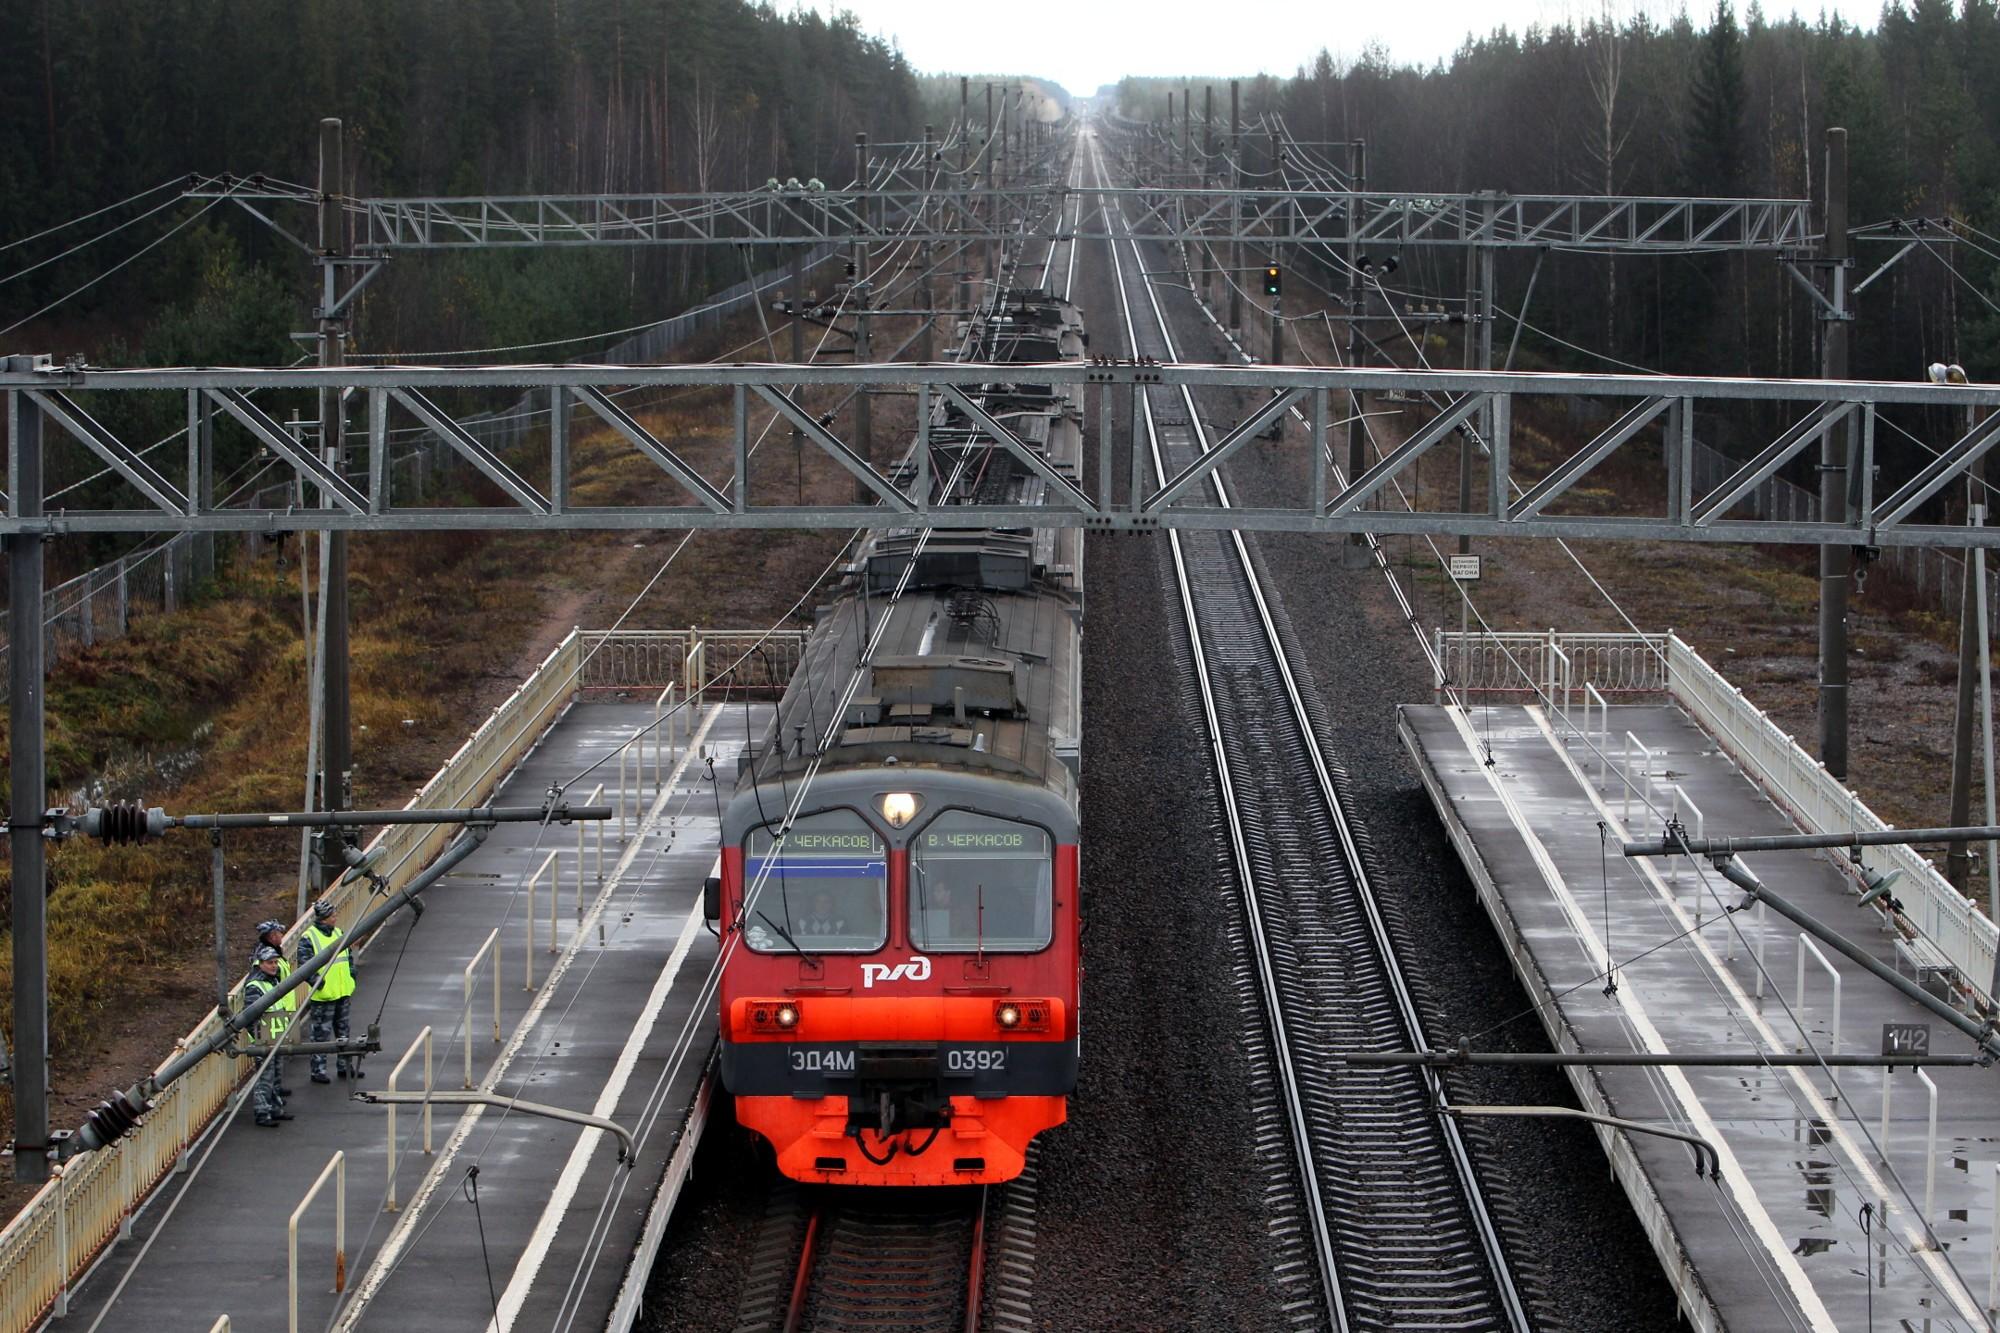 железная дорога выборгского направления станция горьковское ленинградская область электричка электропоезд